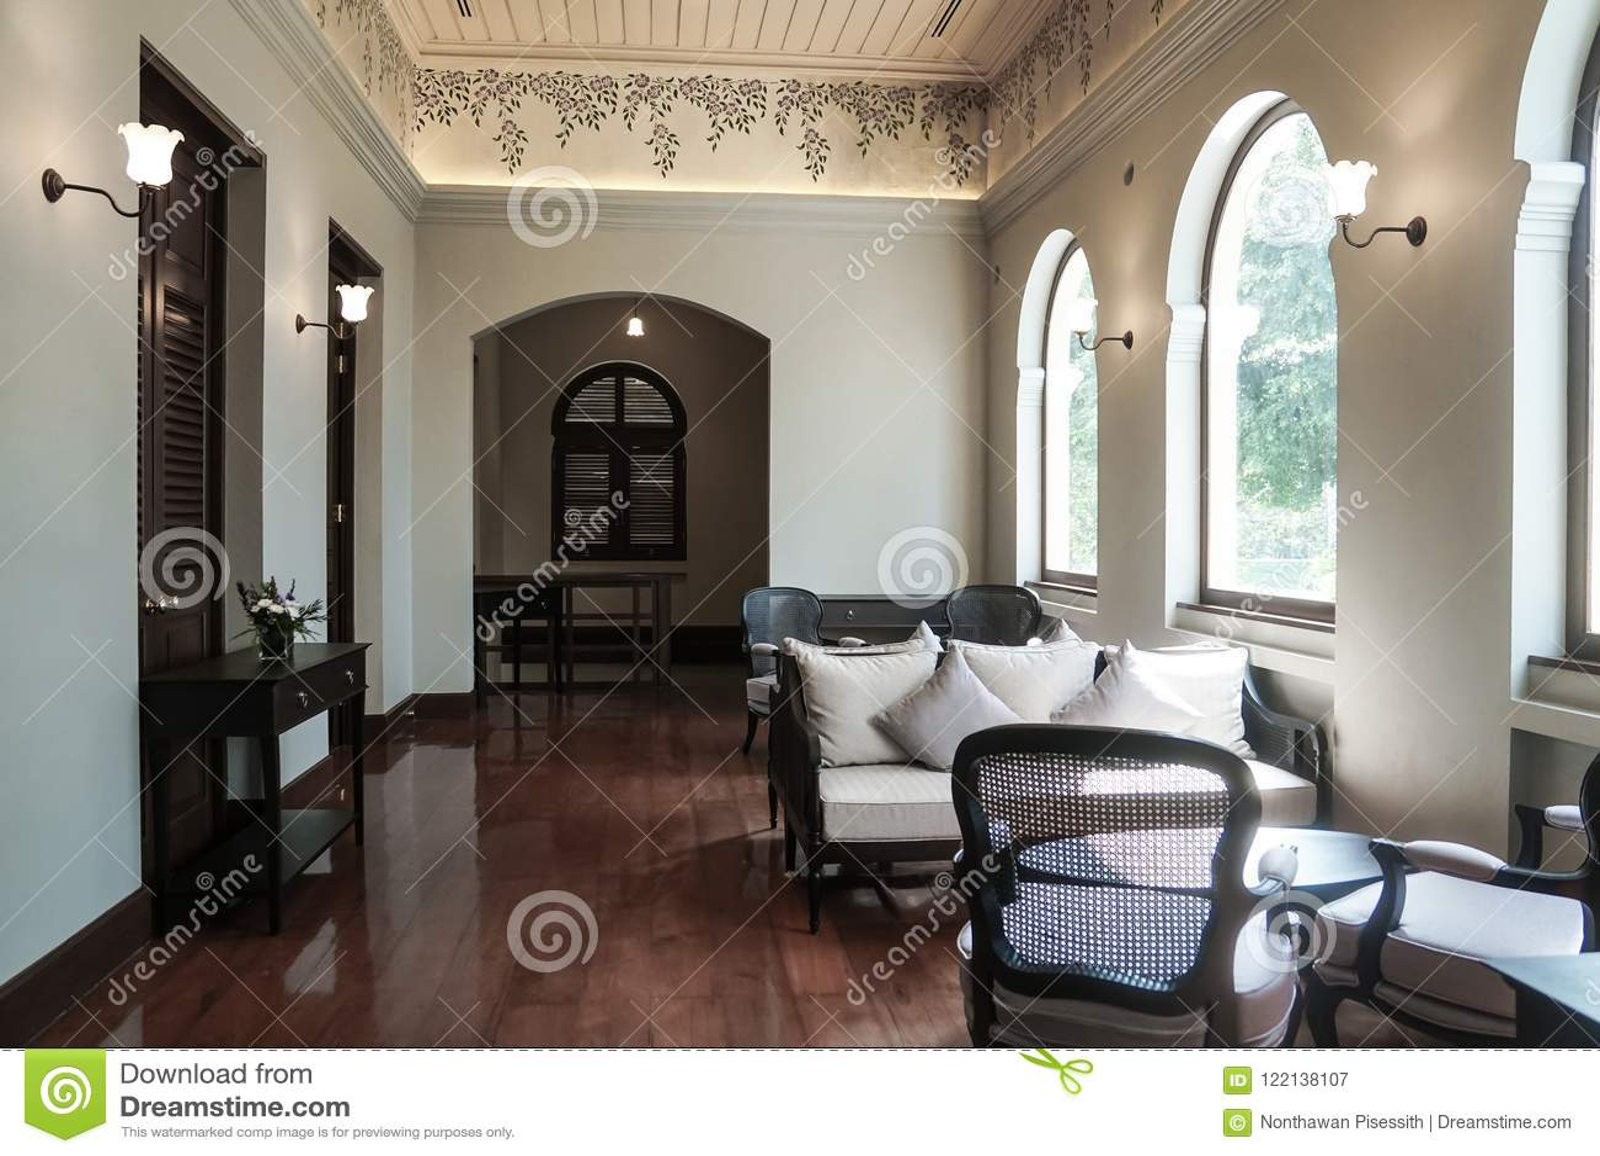 Thai Traditional Interior Design Antique Furniture Colonial ...